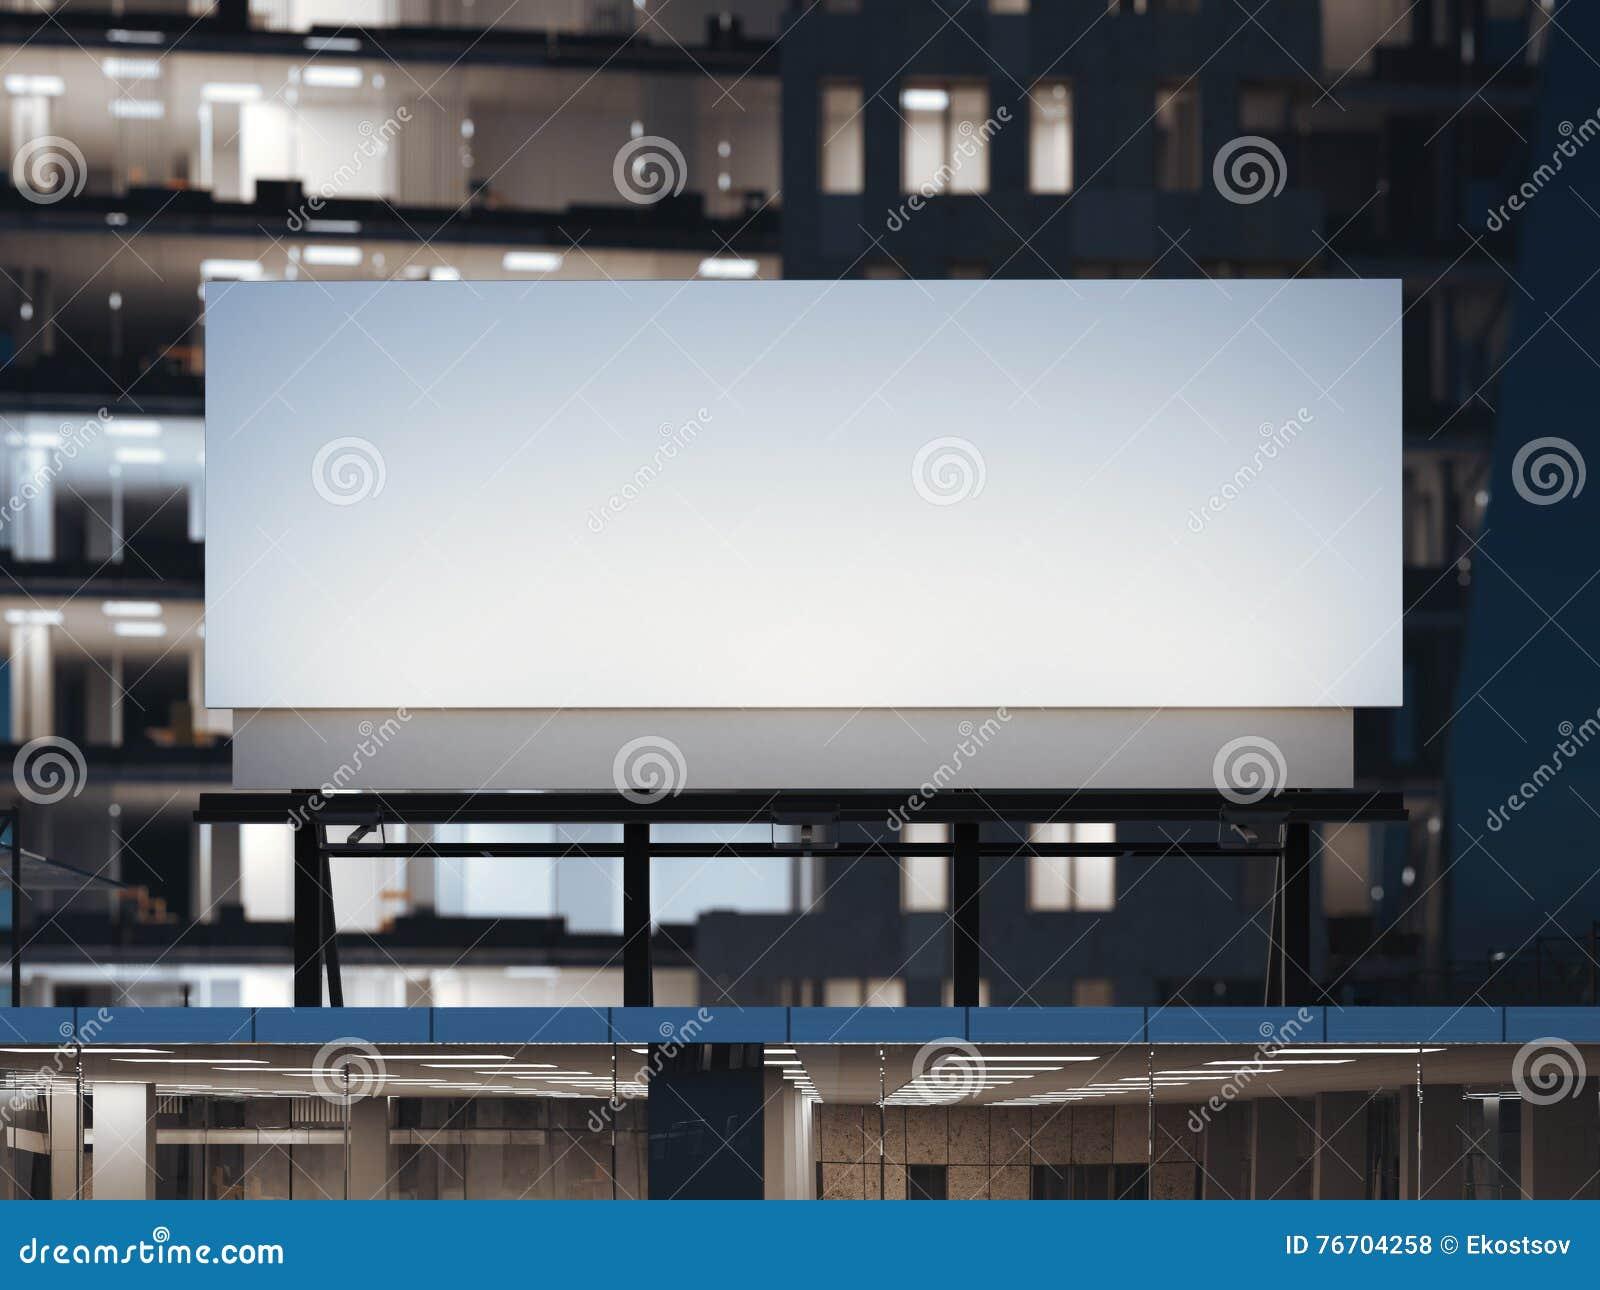 Quadro de avisos branco que está em um prédio de escritórios moderno rendição 3d